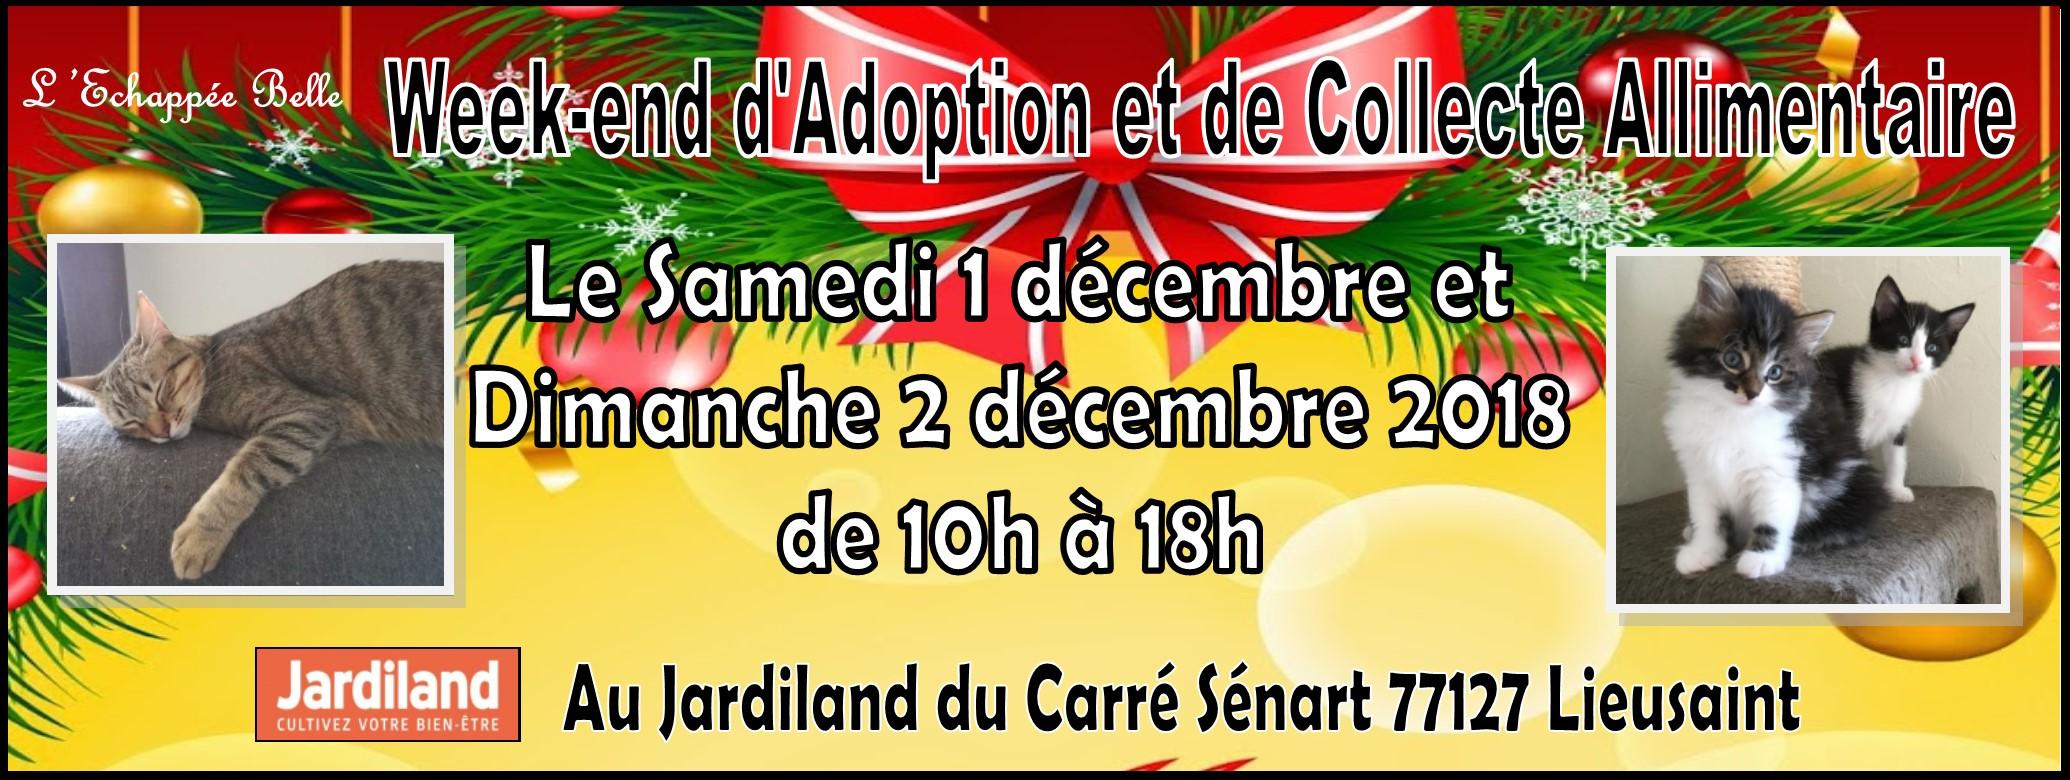 Week- end d'adoption et de collecte les 1 et 2 decembre 2018 Jardiland CARRE SENART 77